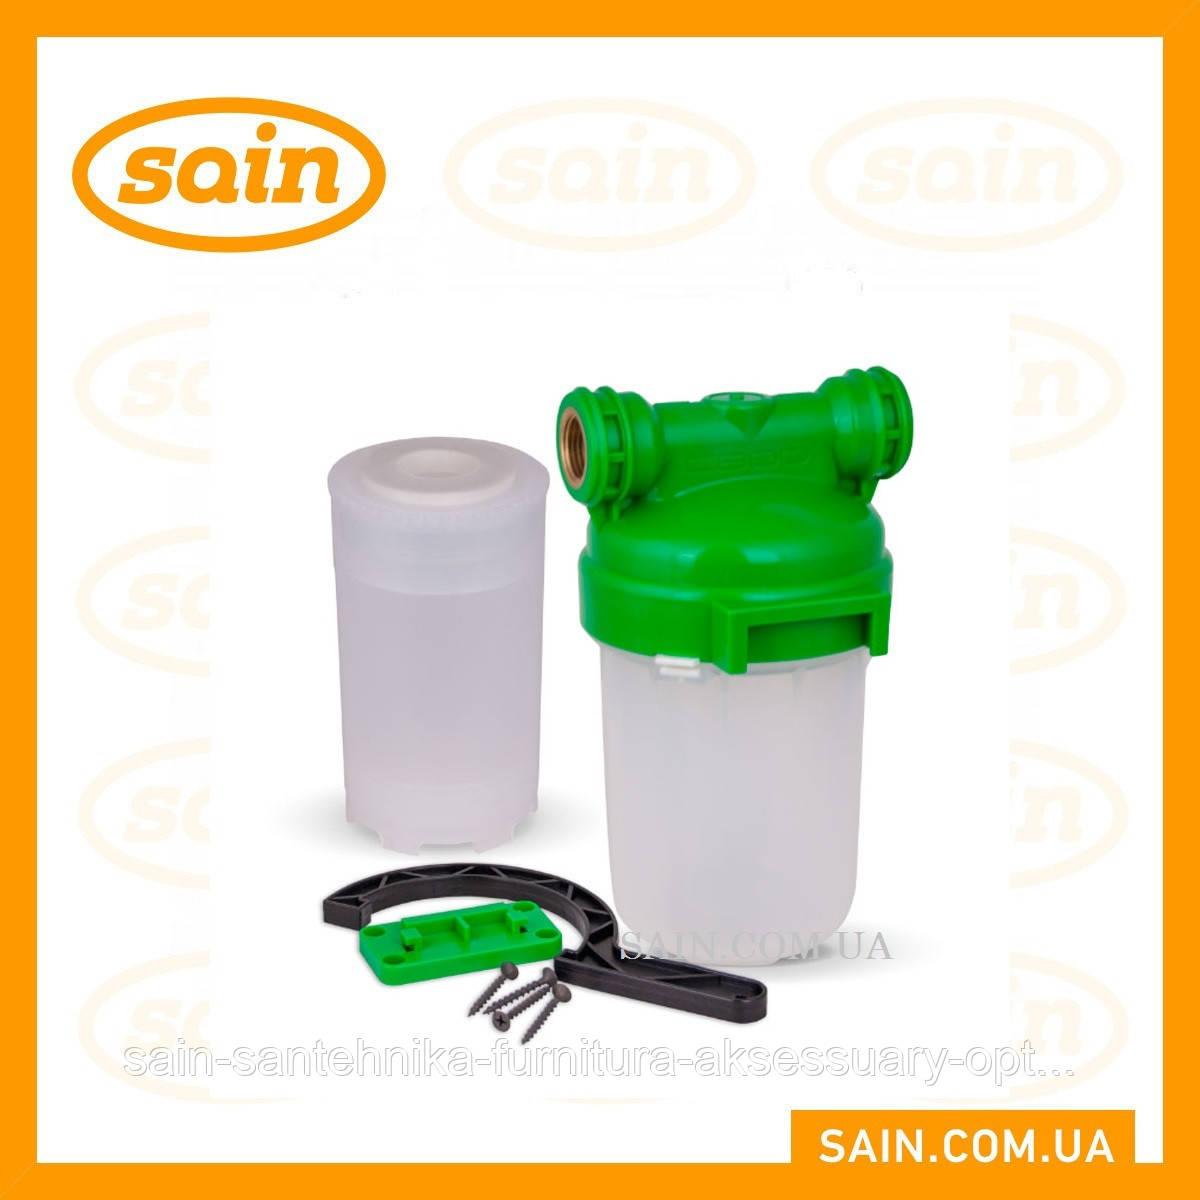 Фільтр ST250 для теплотехніки, водонагрівачів,пральних і посудомийних машин